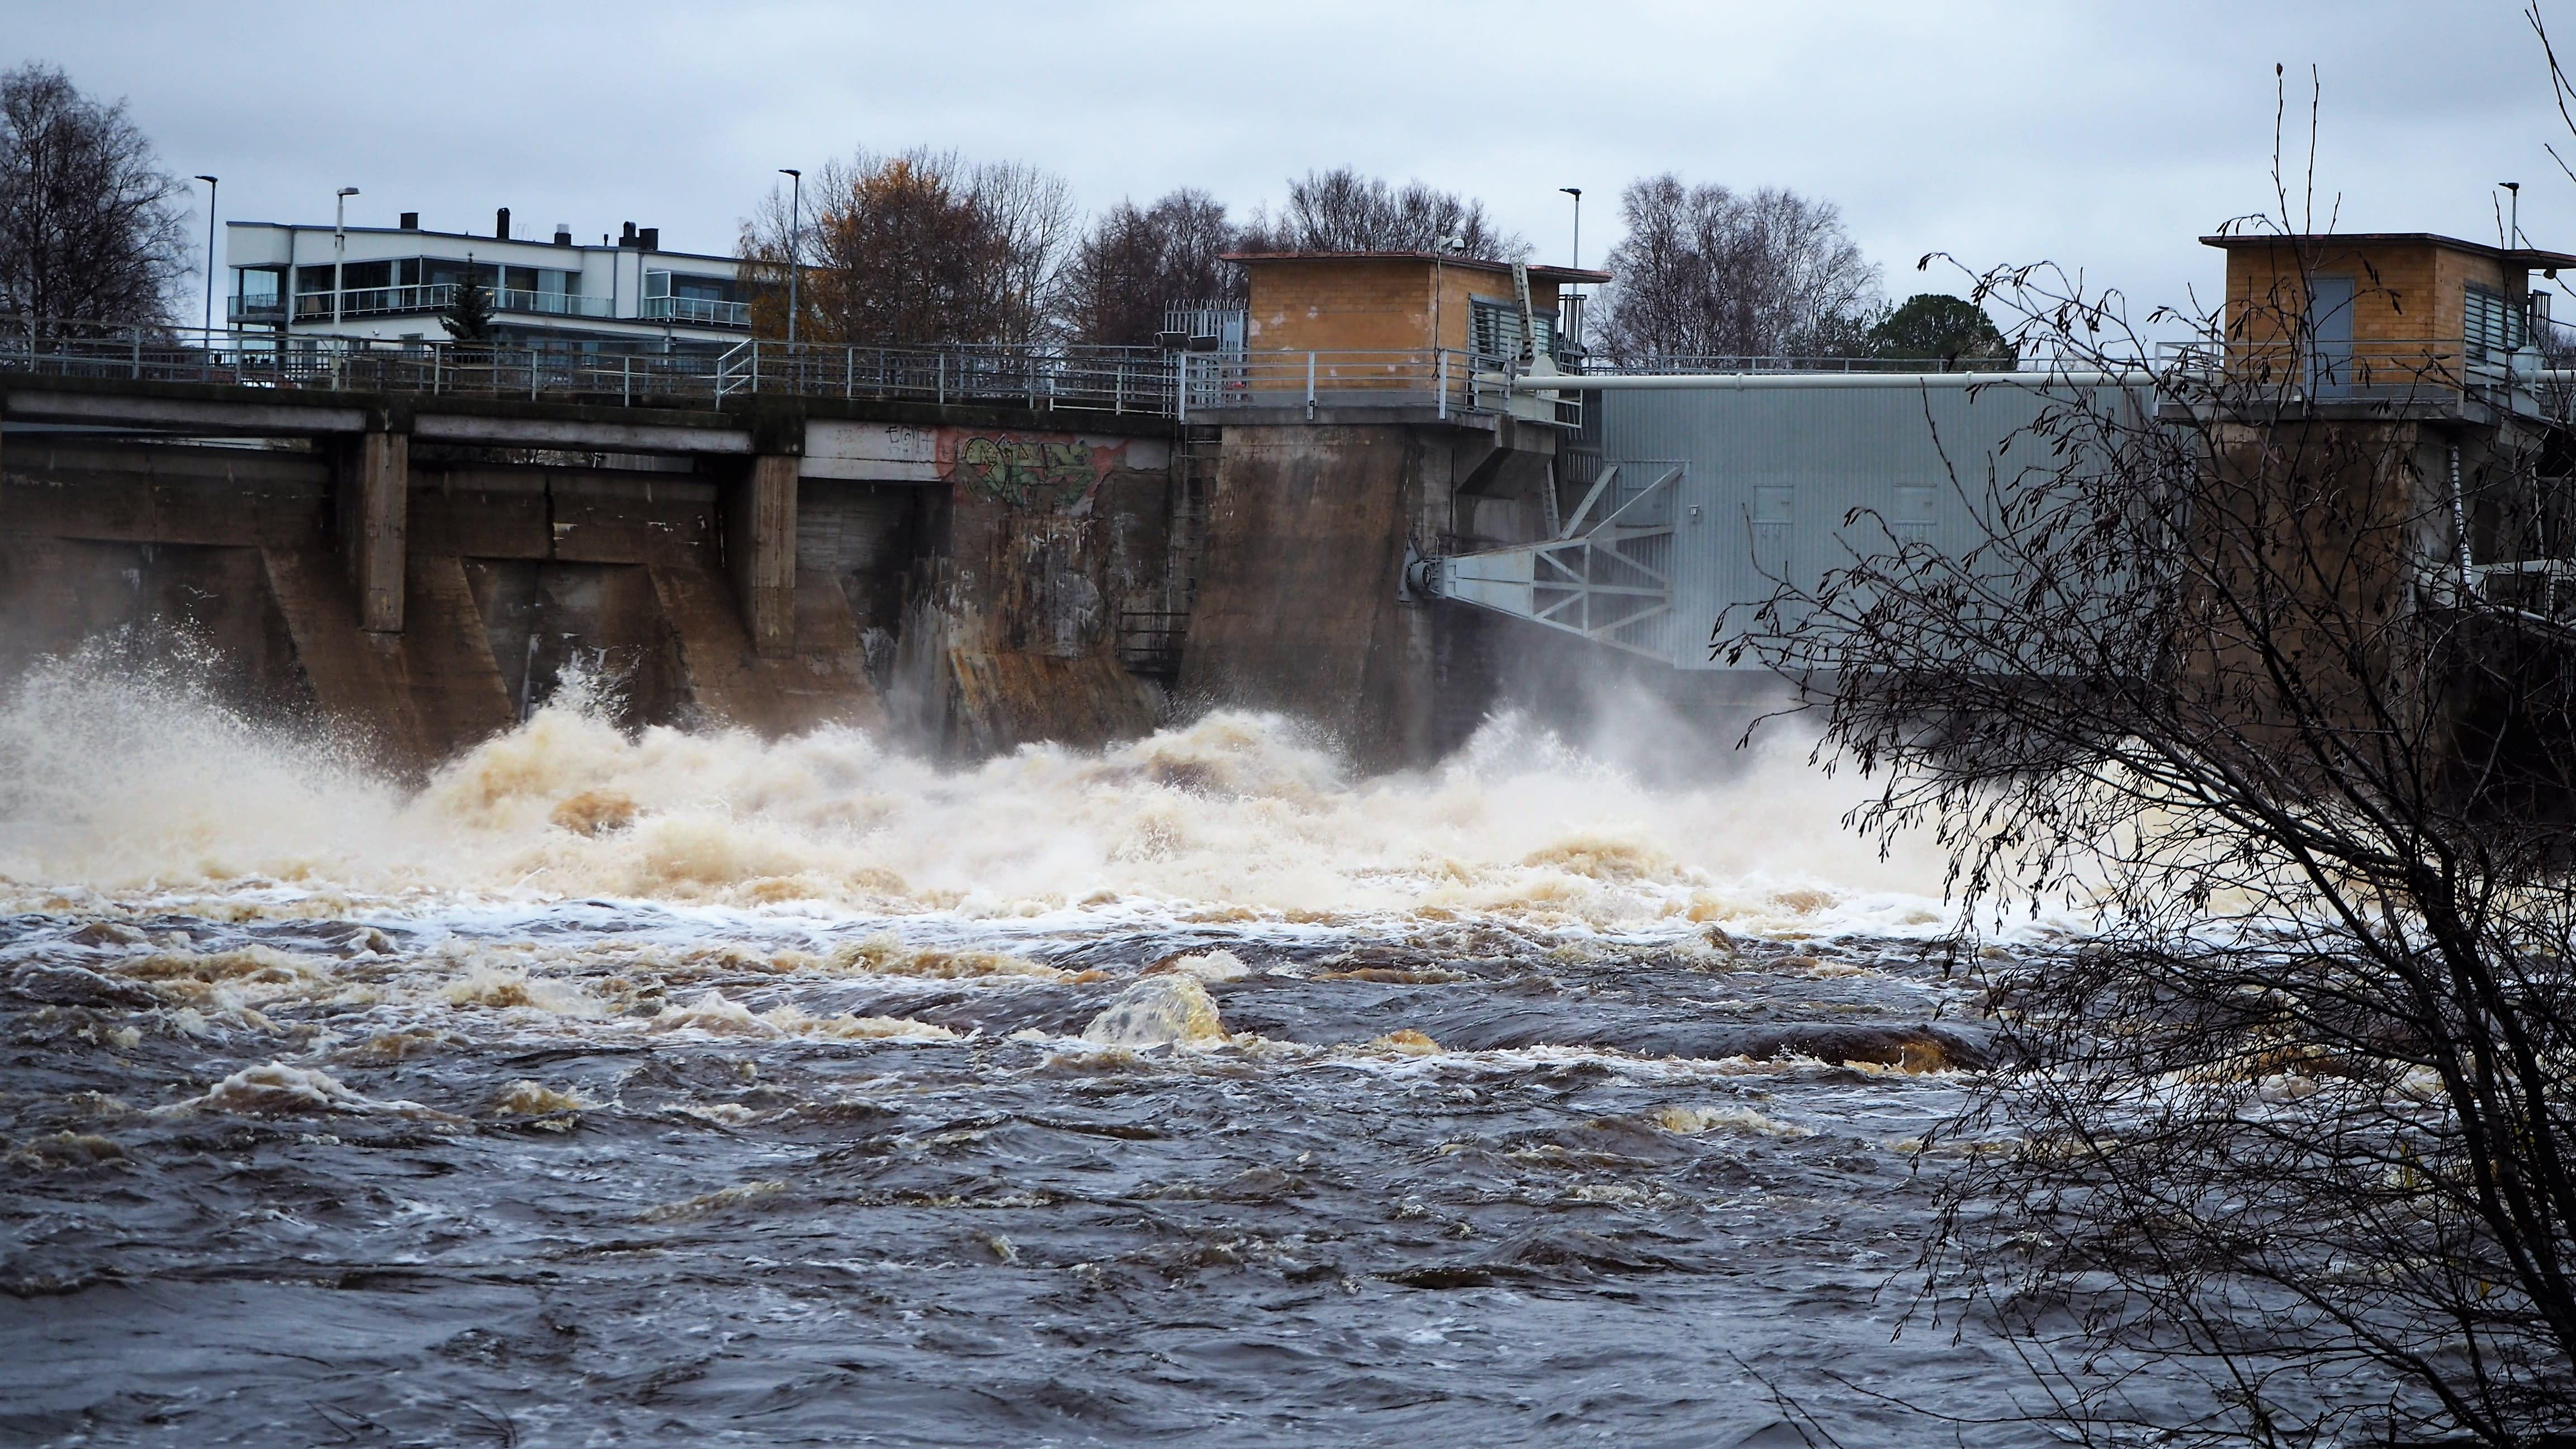 Vesia lasketaan patoluukkujen kautta Oulussa.